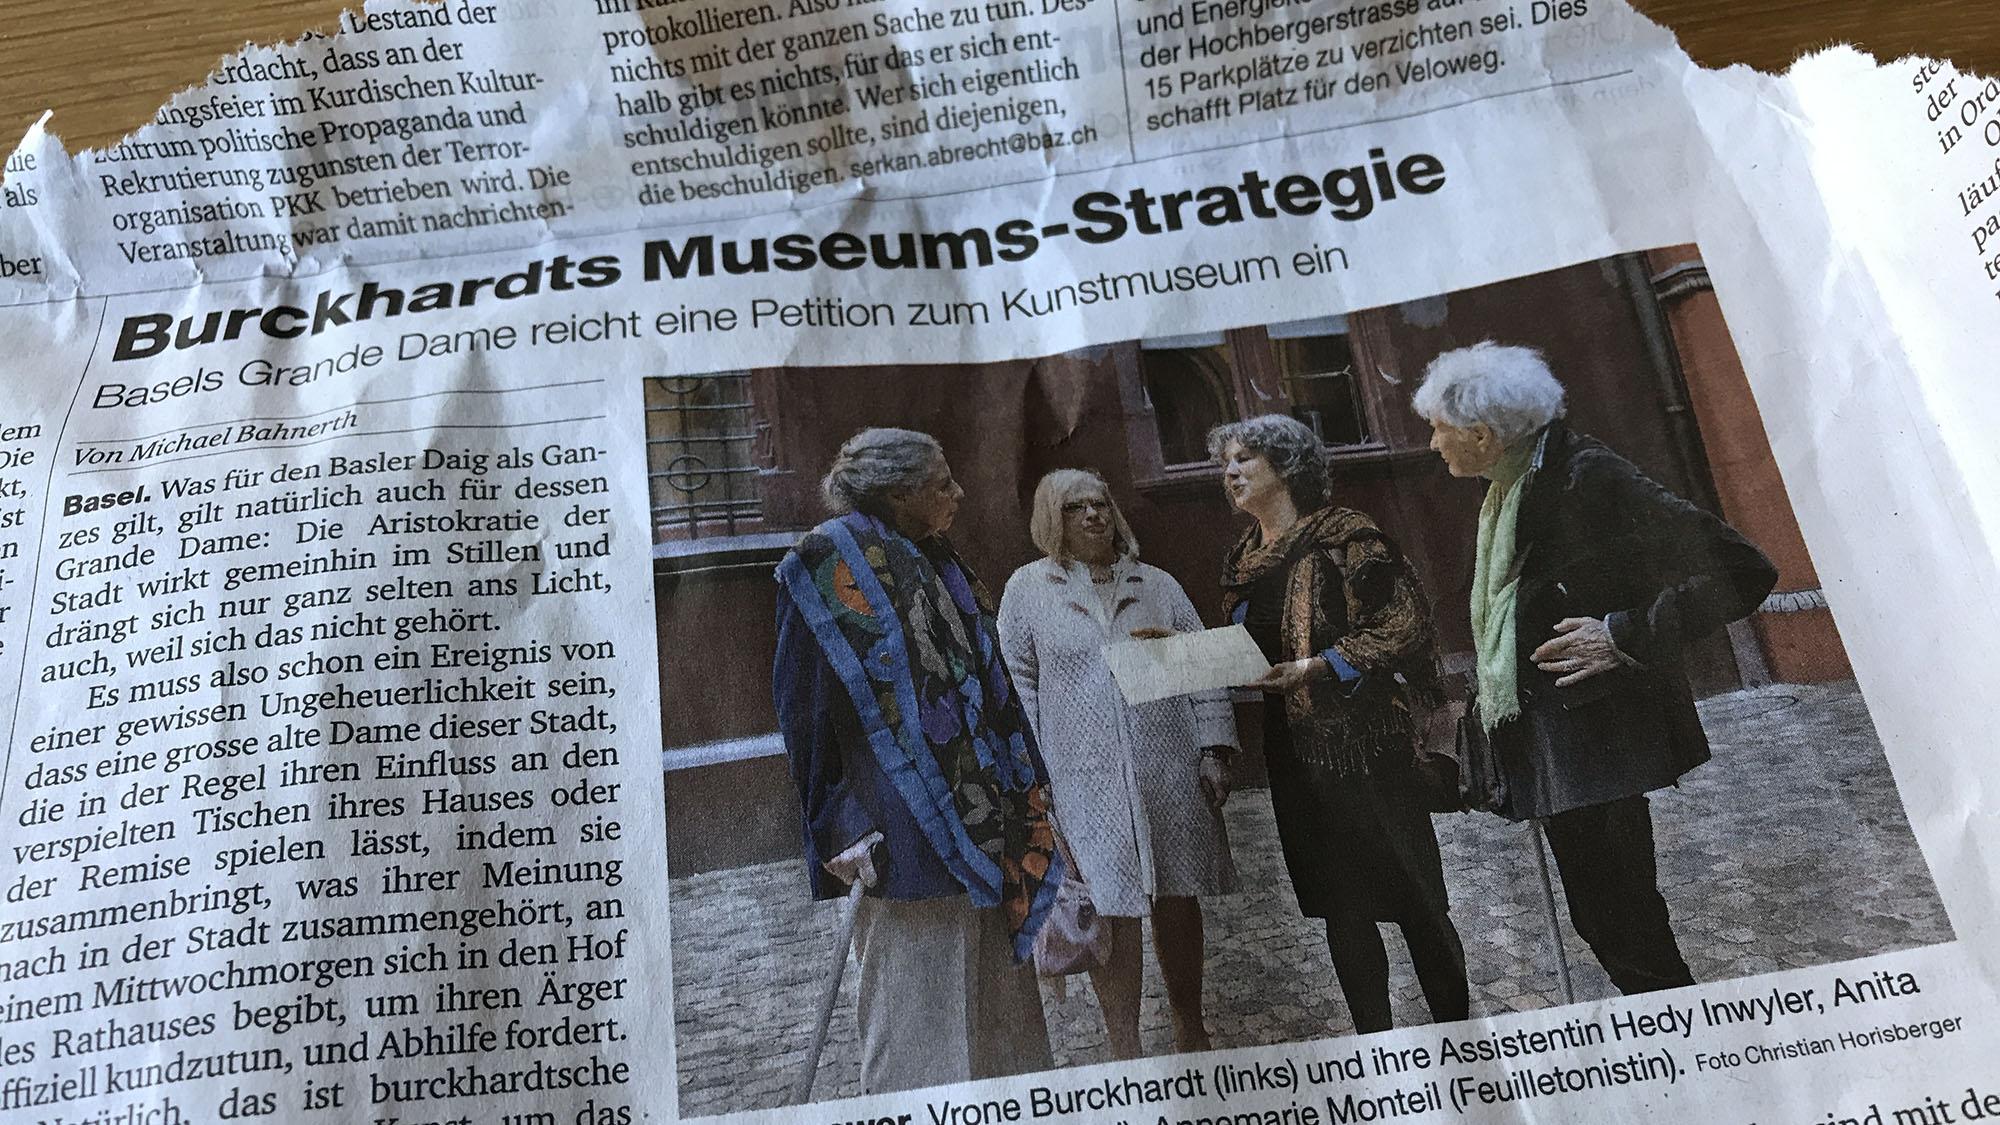 Basel-Stadt soll sich gefälligst um die ungedeckten Betriebskosten im Kunstmuseum kümmern, findet Vrone Burckhardt.